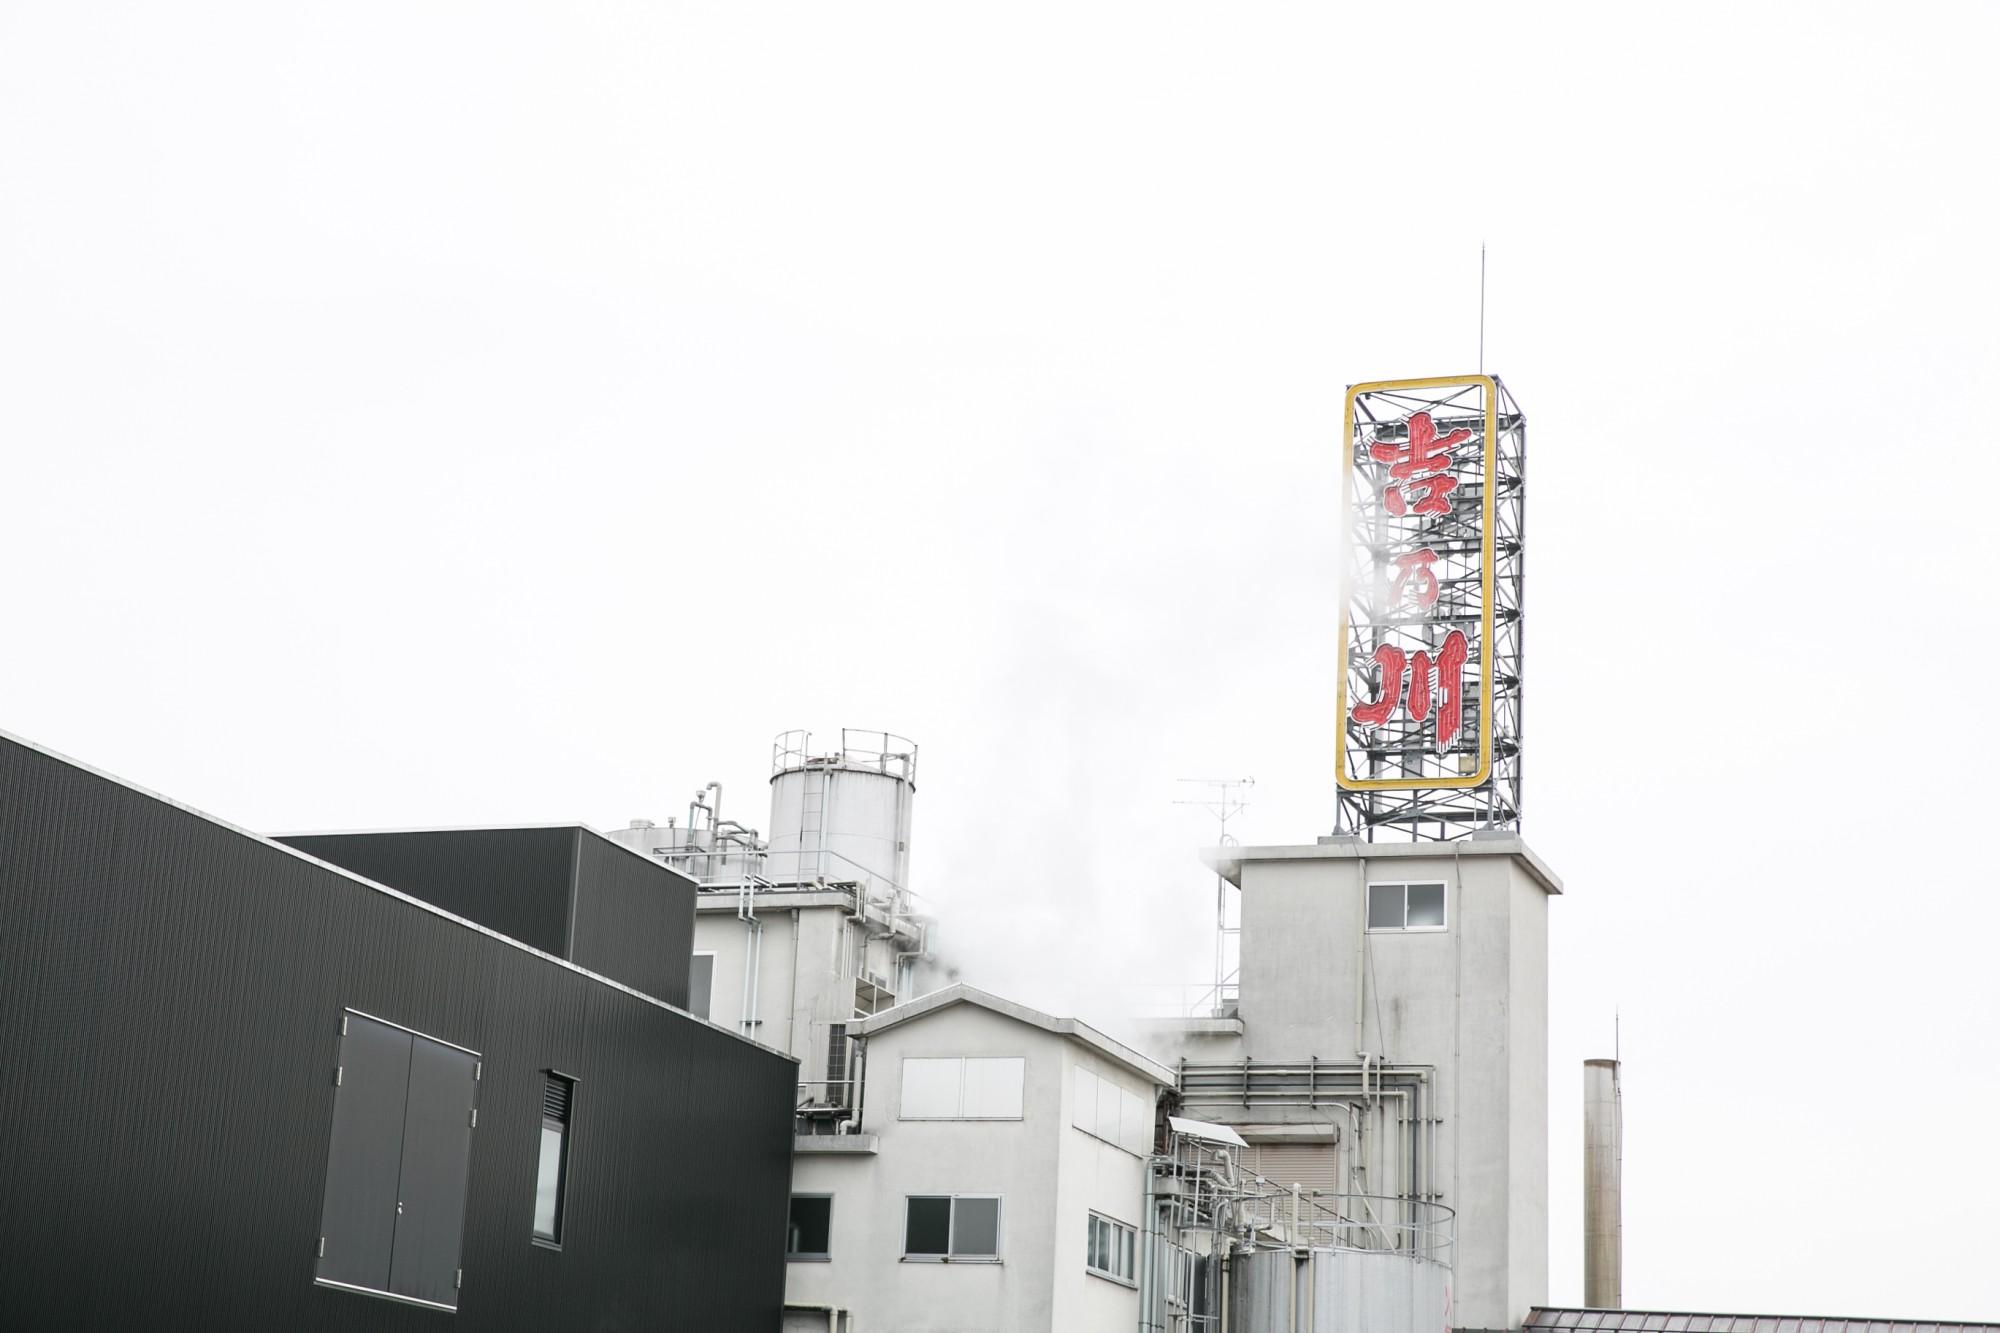 夜はネオンが灯るサインが目印。工場から醸造の蒸気がもくもくと上がっています。